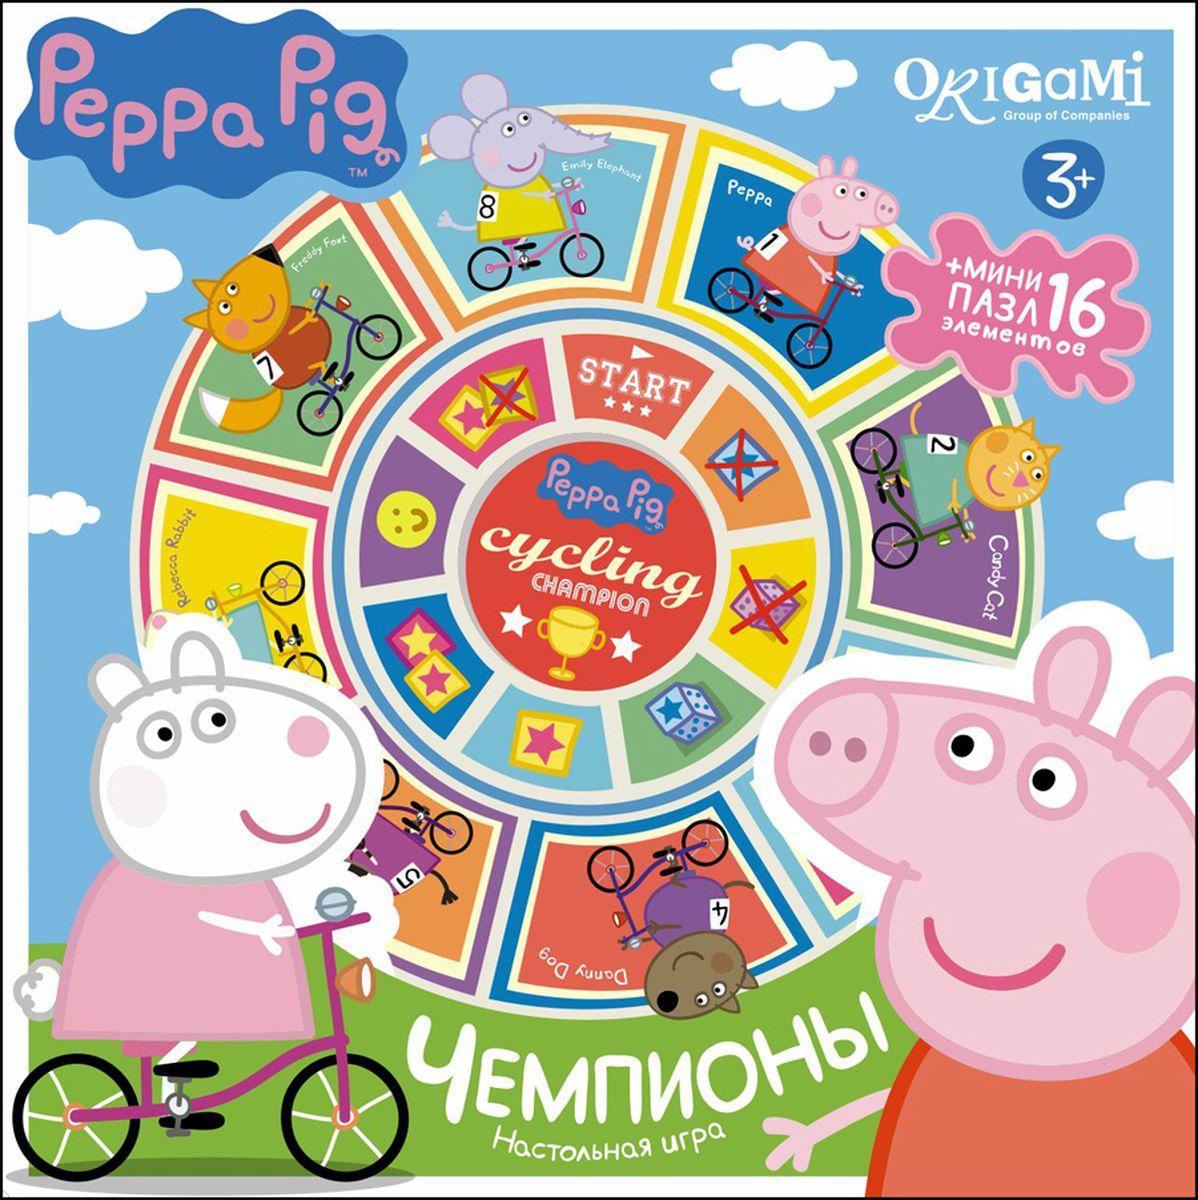 Оригами Настольная игра Peppa Pig Карусель Чемпионы01603Свинка Пеппа и ее друзья приглашают весело провести время за игрой Карусель-лото «Чемпионы»! Игрокам предстоит собрать картинку из четырех частей, но главное сделать это быстрее остальных. В этом им поможет игровой кубик и немного удачи. Настольная игра карусель-лото объяснит детям понятие «часть и целое» и разнообразит досуг с ребенком.